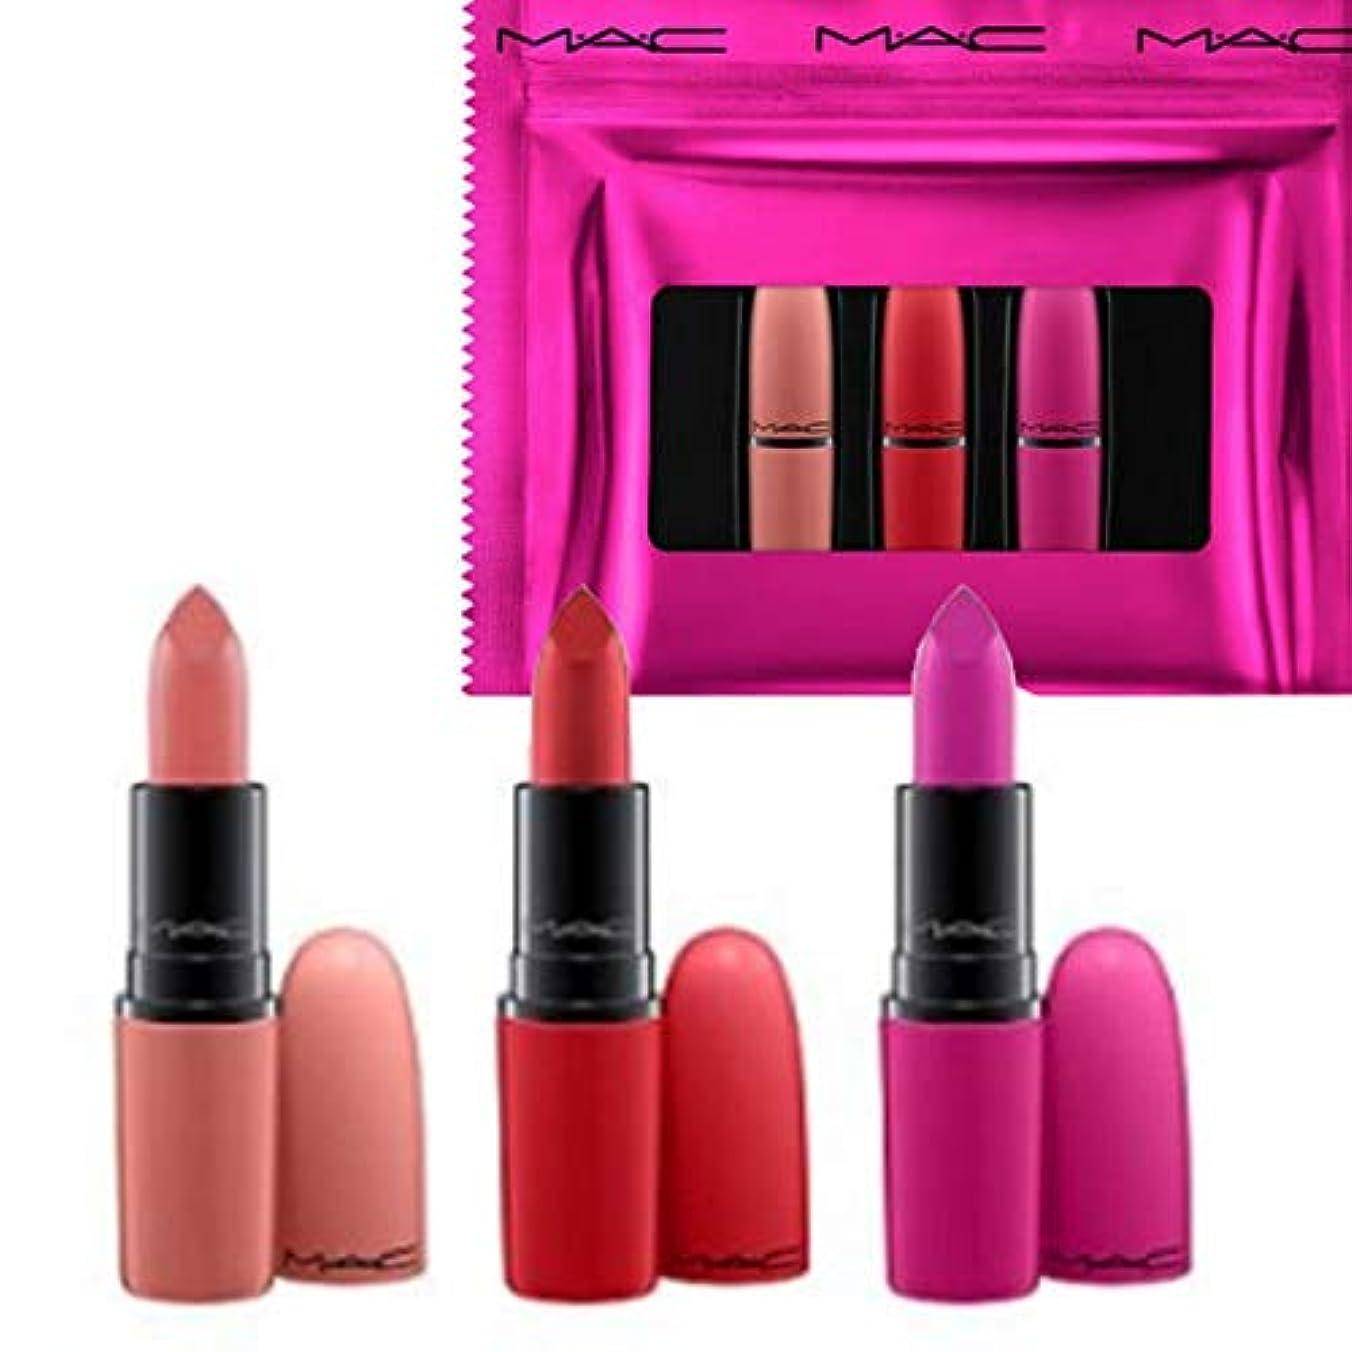 懇願する発言する食堂M.A.C ?マック, Limited Edition 限定版, 3-Pc. Shiny Pretty Things Lip Set - Russian Red/Kinda Sexy/Flat Out Fabulous...